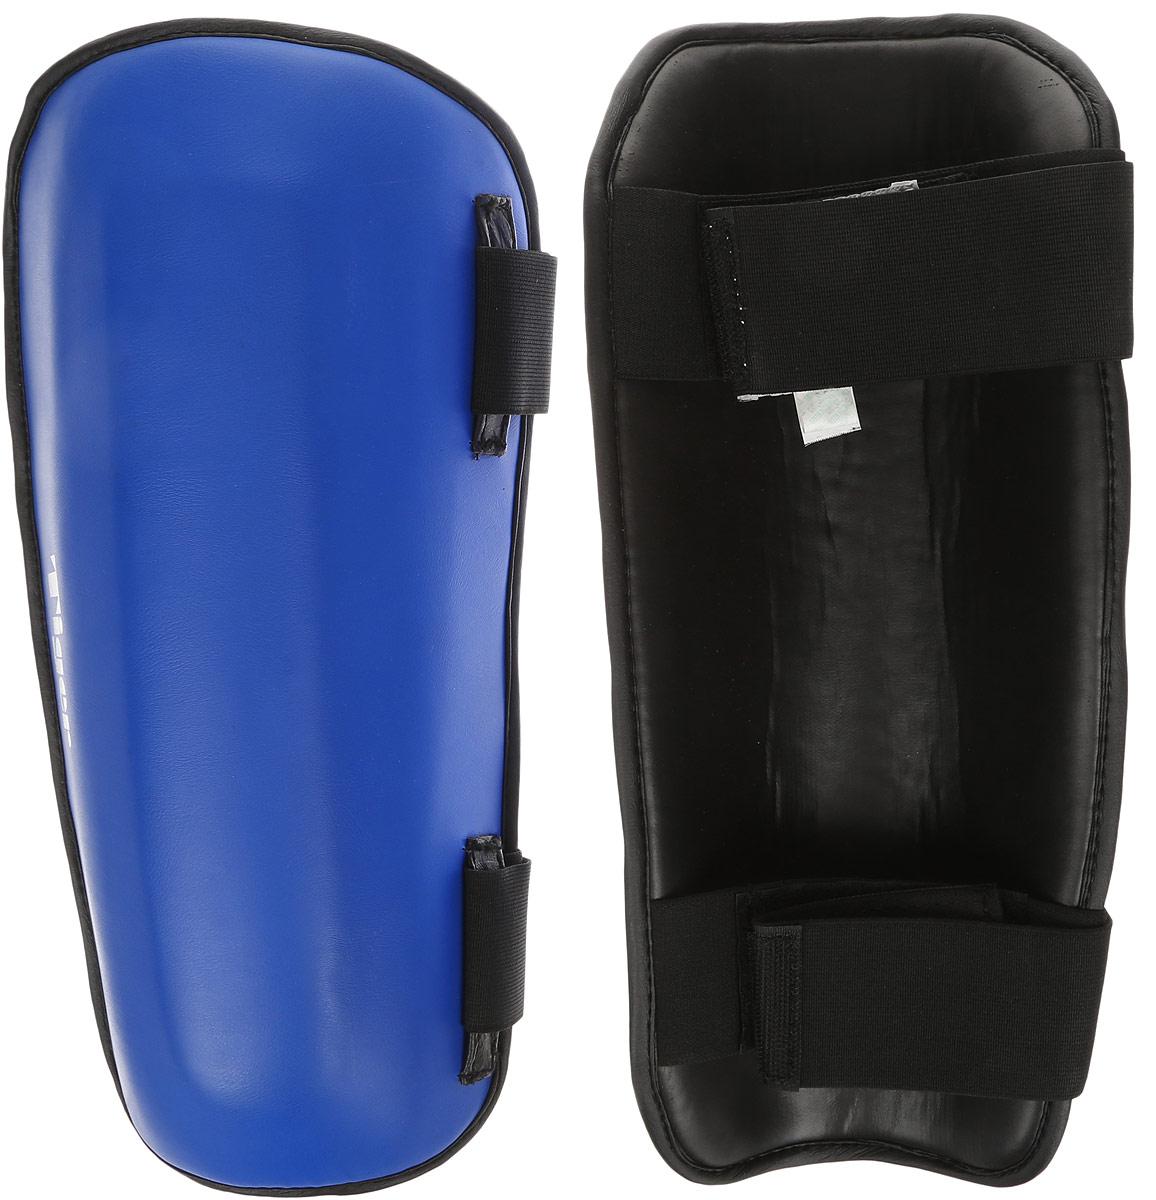 Защита голени Green Hill Tiger, цвет: синий, белый. Размер XL. SPT-2123SPT-2123Защита голени Green Hill Tiger с наполнителем, выполненным из вспененного полимера, необходима при занятиях спортом для защиты суставов от вывихов, ушибов и прочих повреждений. Накладки выполнены из высококачественной натуральной кожи. Закрепляются на ноге при помощи эластичных лент и липучек. Длина голени: 36 см. Ширина голени: 15 см.